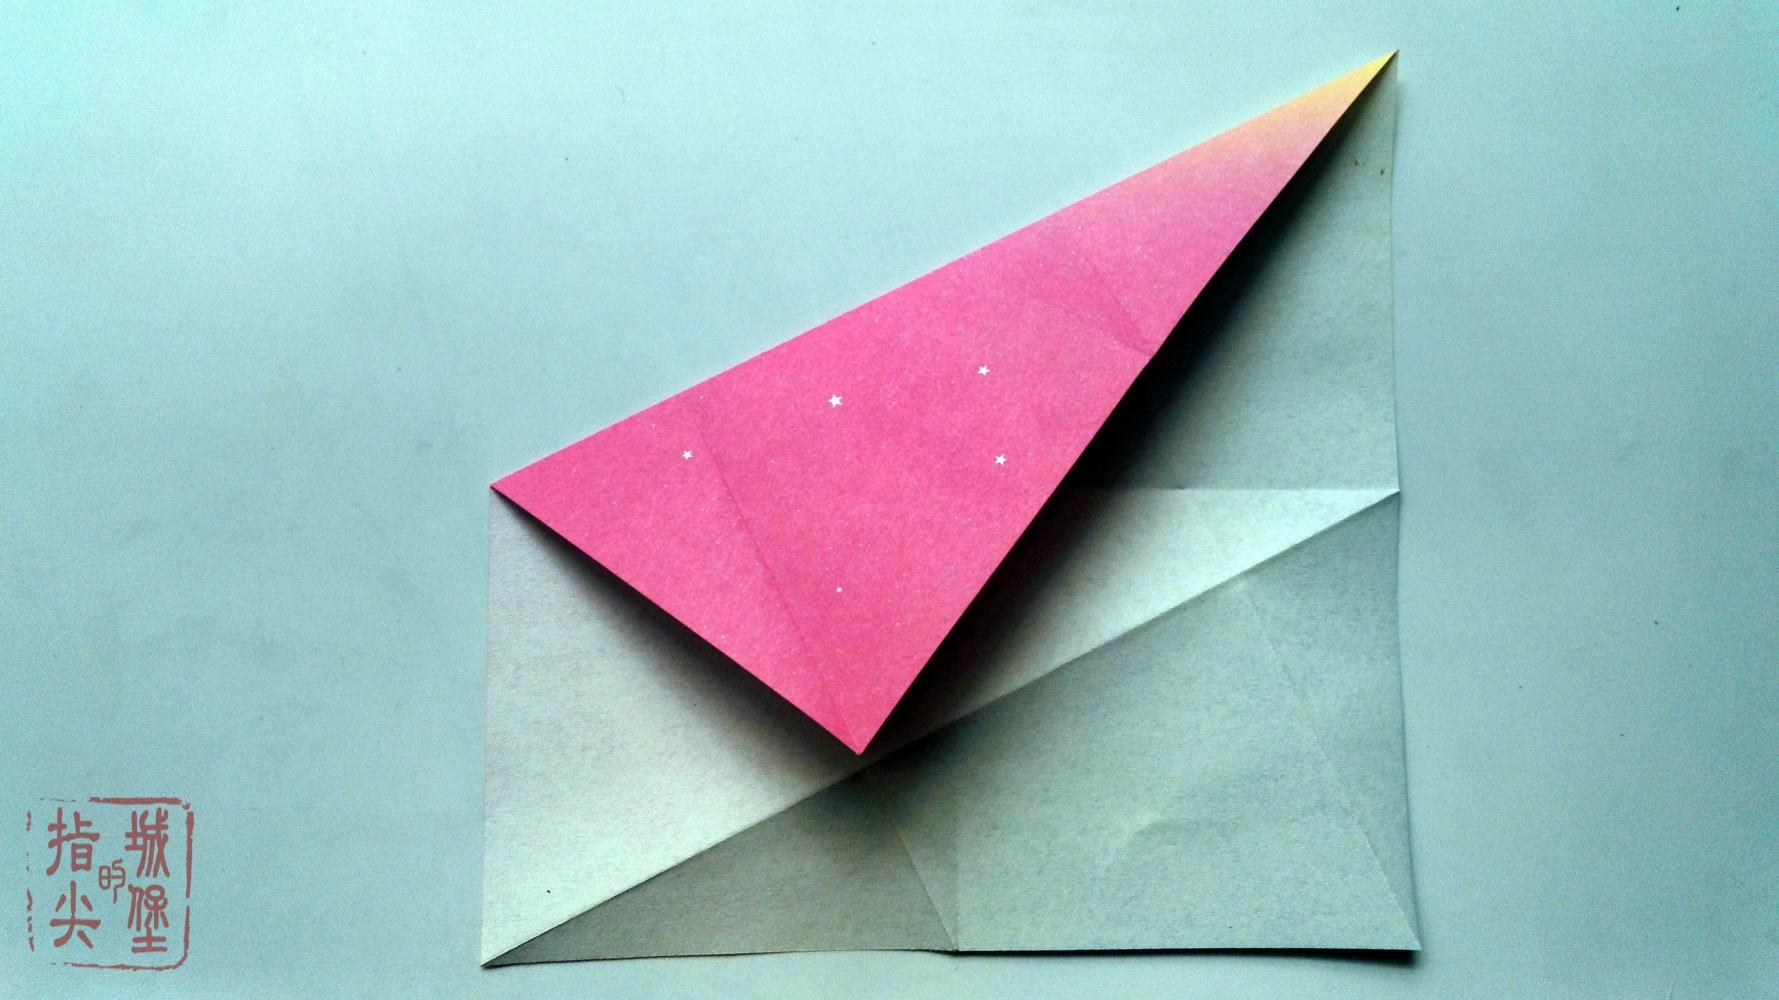 正方形折简单的风车折纸信封, 折纸信封详细图解教程